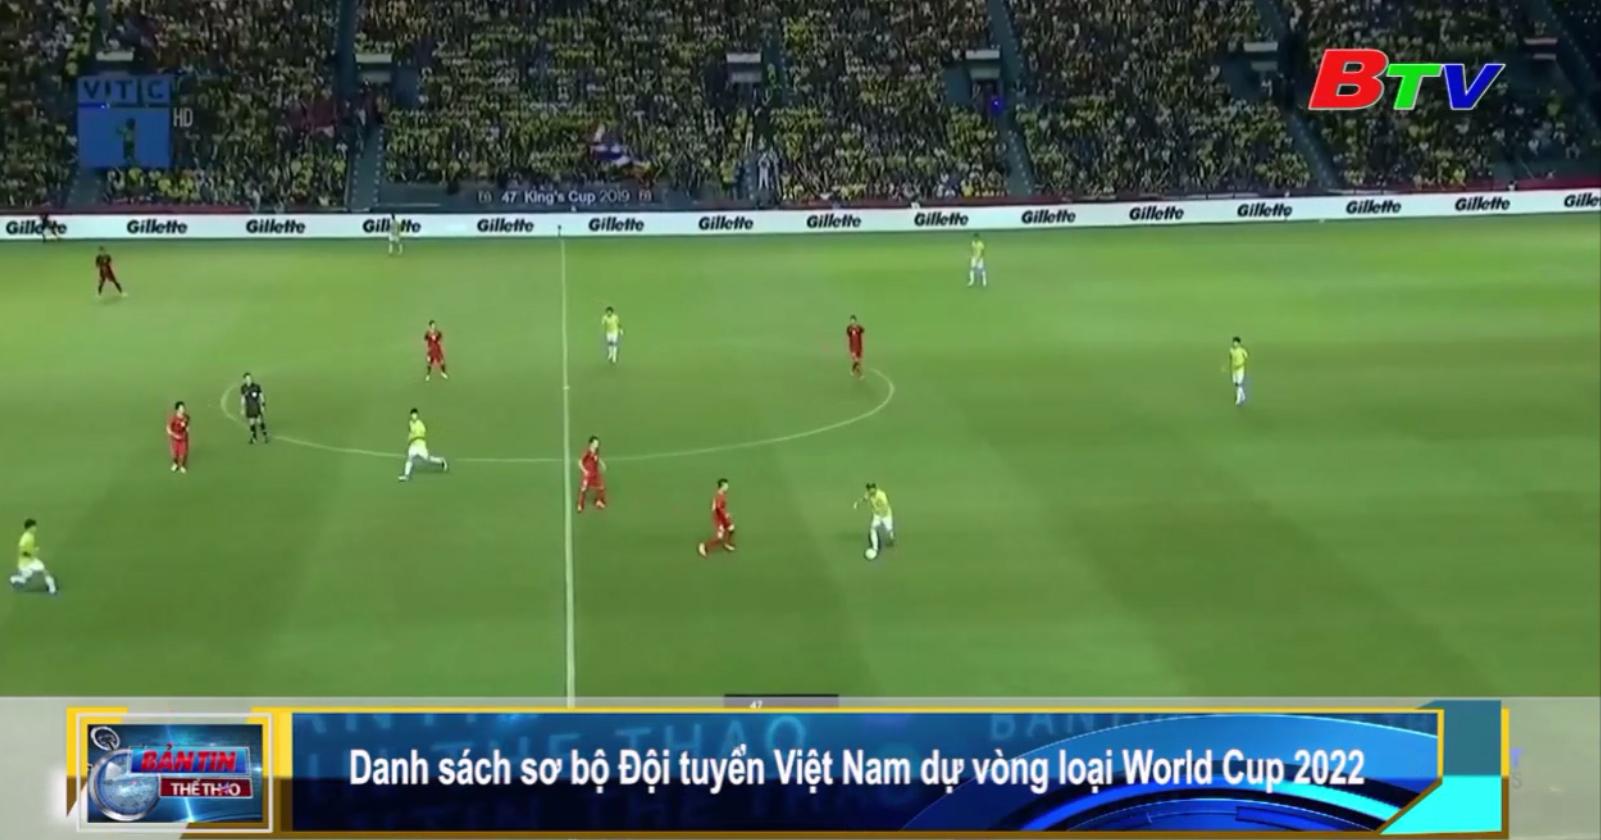 Danh sách sơ bộ đội tuyển Việt Nam dự vòng loại World Cup 2022